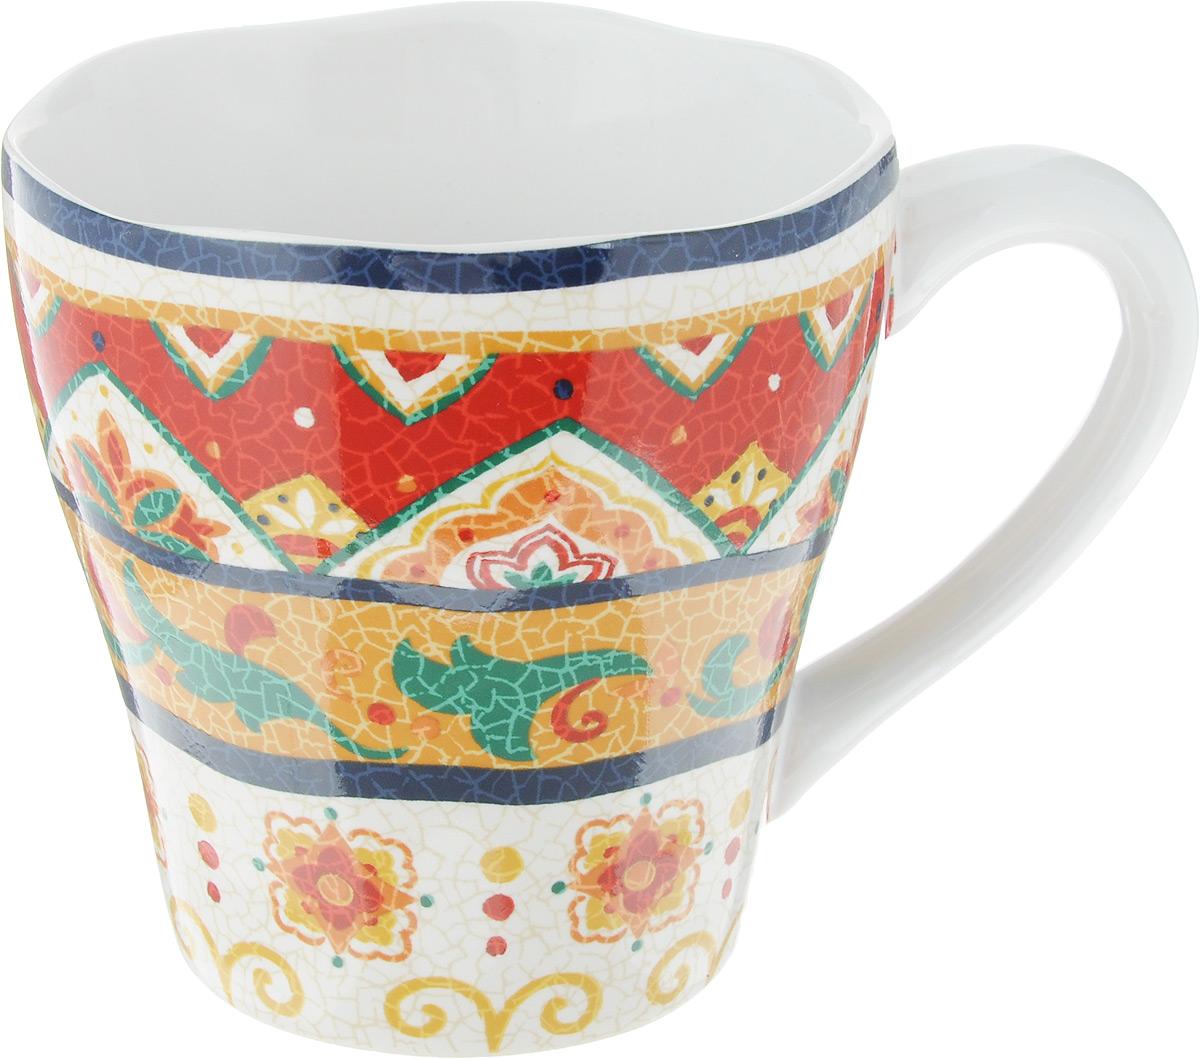 Кружка Sango Ceramics Мессина, 430 млUTMS41601Кружка Sango Ceramics Мессина выполнена из высококачественной керамики с глазурованным покрытием и оформлена оригинальным орнаментом. Такая кружка станет отличным дополнением к сервировке семейного стола и замечательным подарком для ваших родных и друзей. Можно использовать в микроволновой печи и мыть с посудомоечной машине.